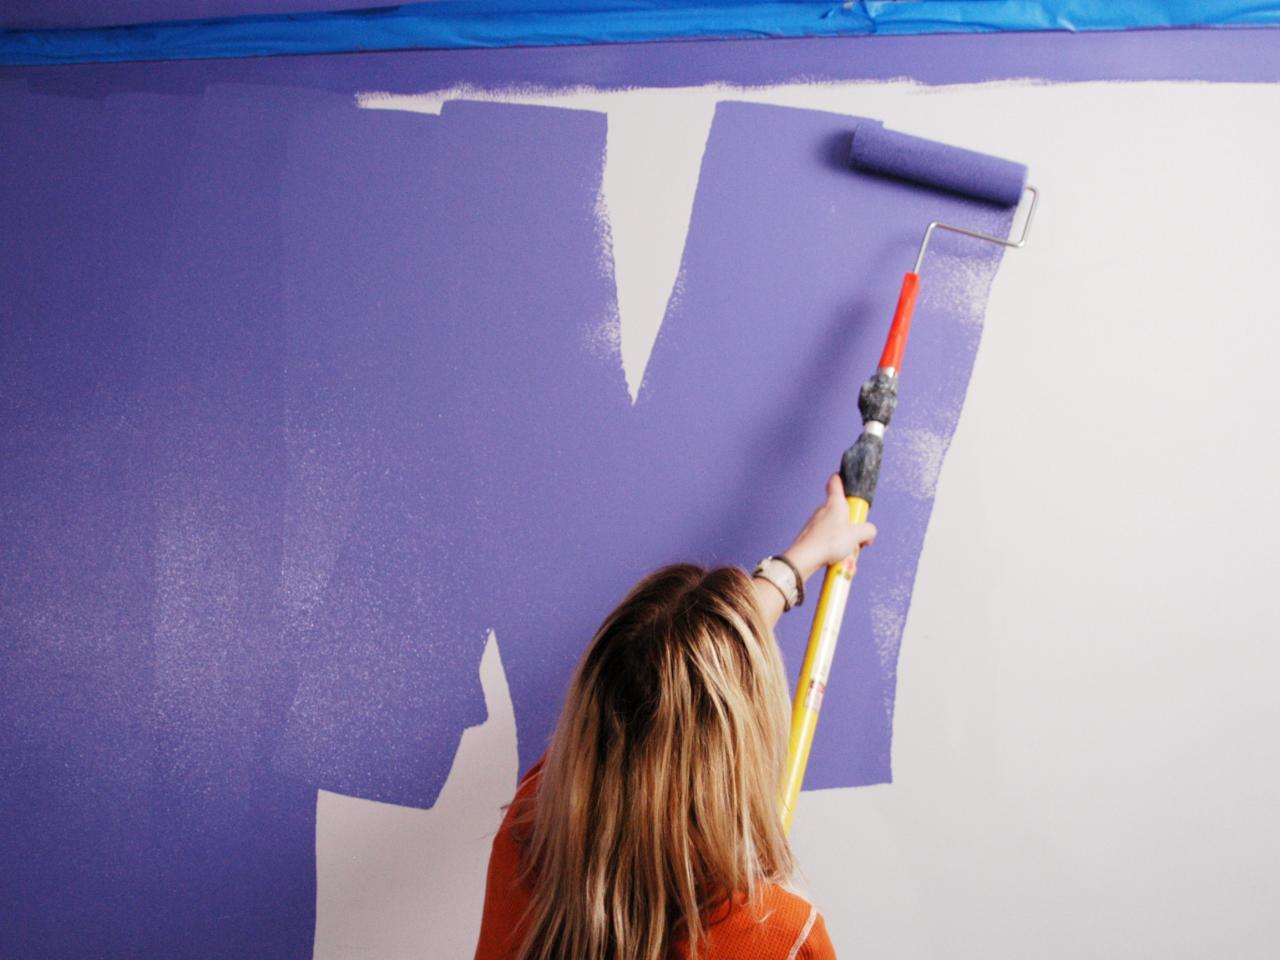 покраска латексной краской